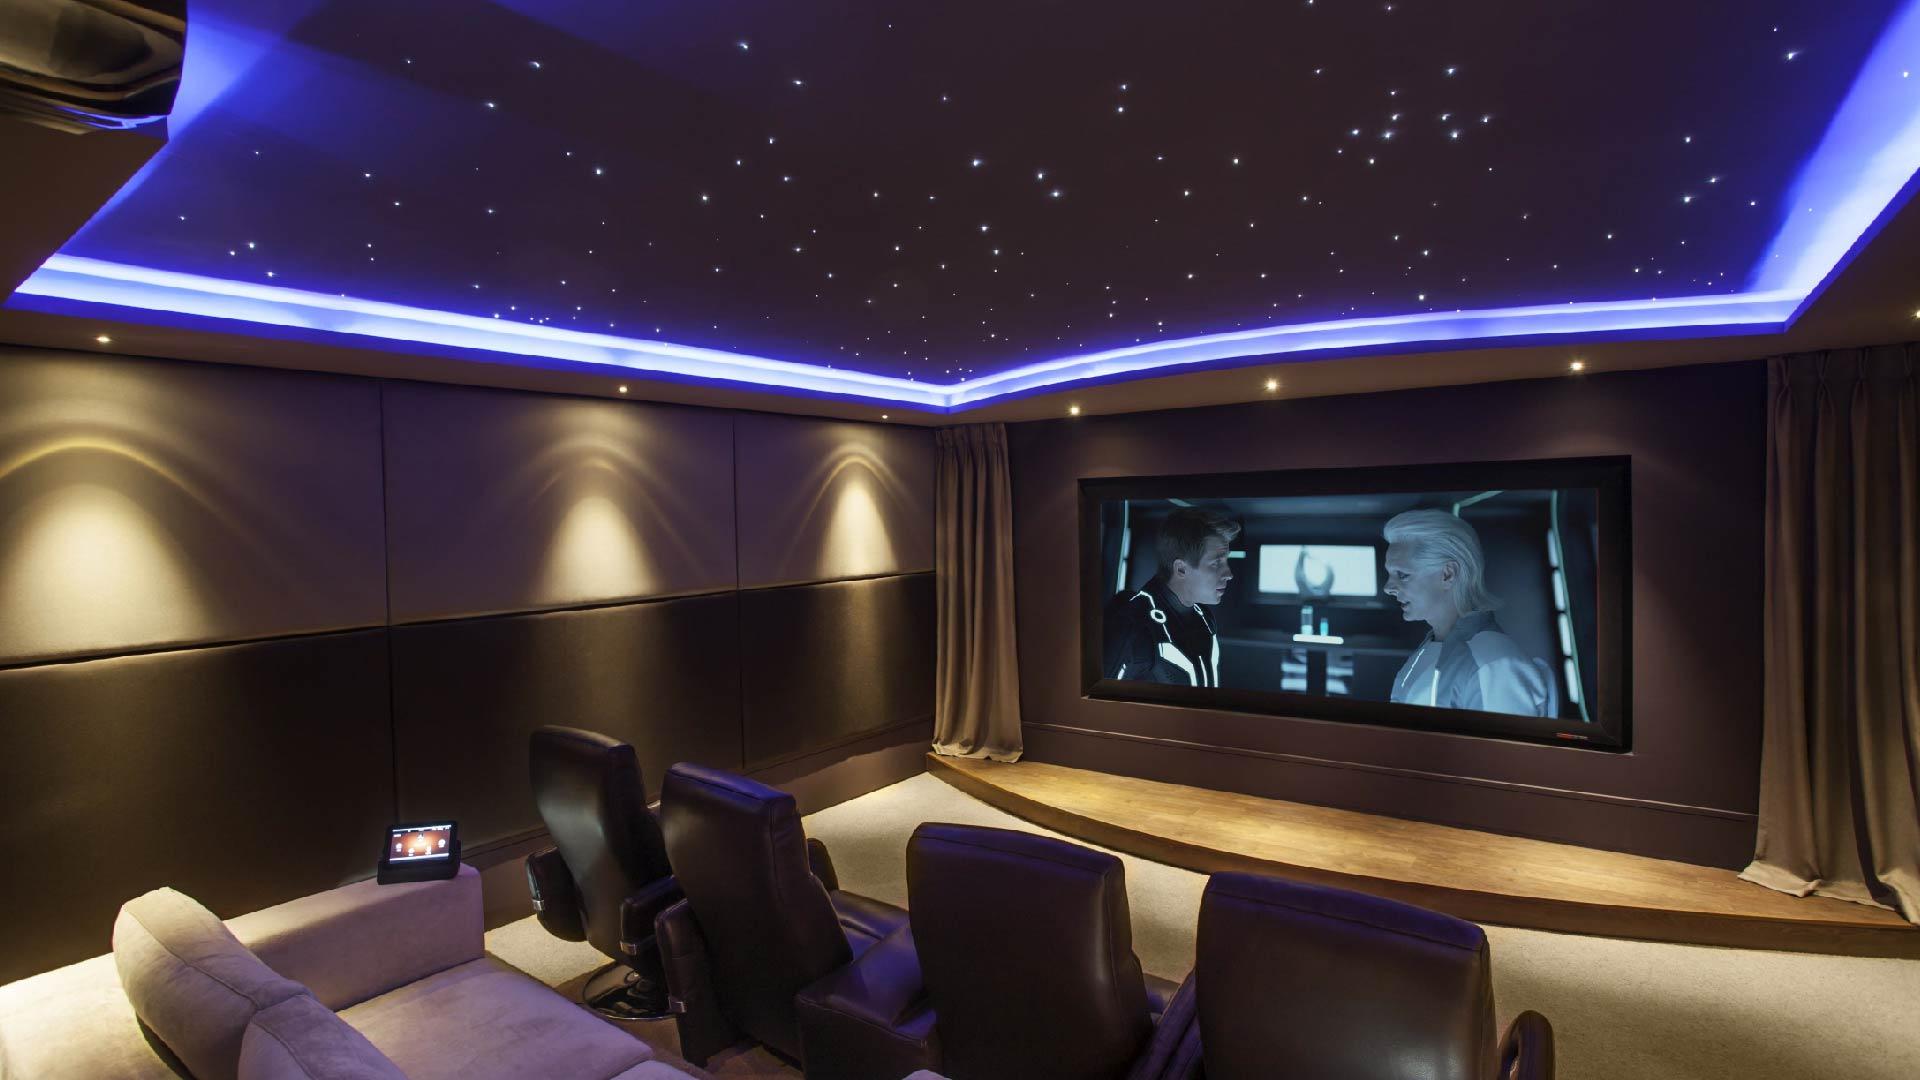 El cine en casa una de las mejores opciones tecnol gicas - Sala de cine en casa ...